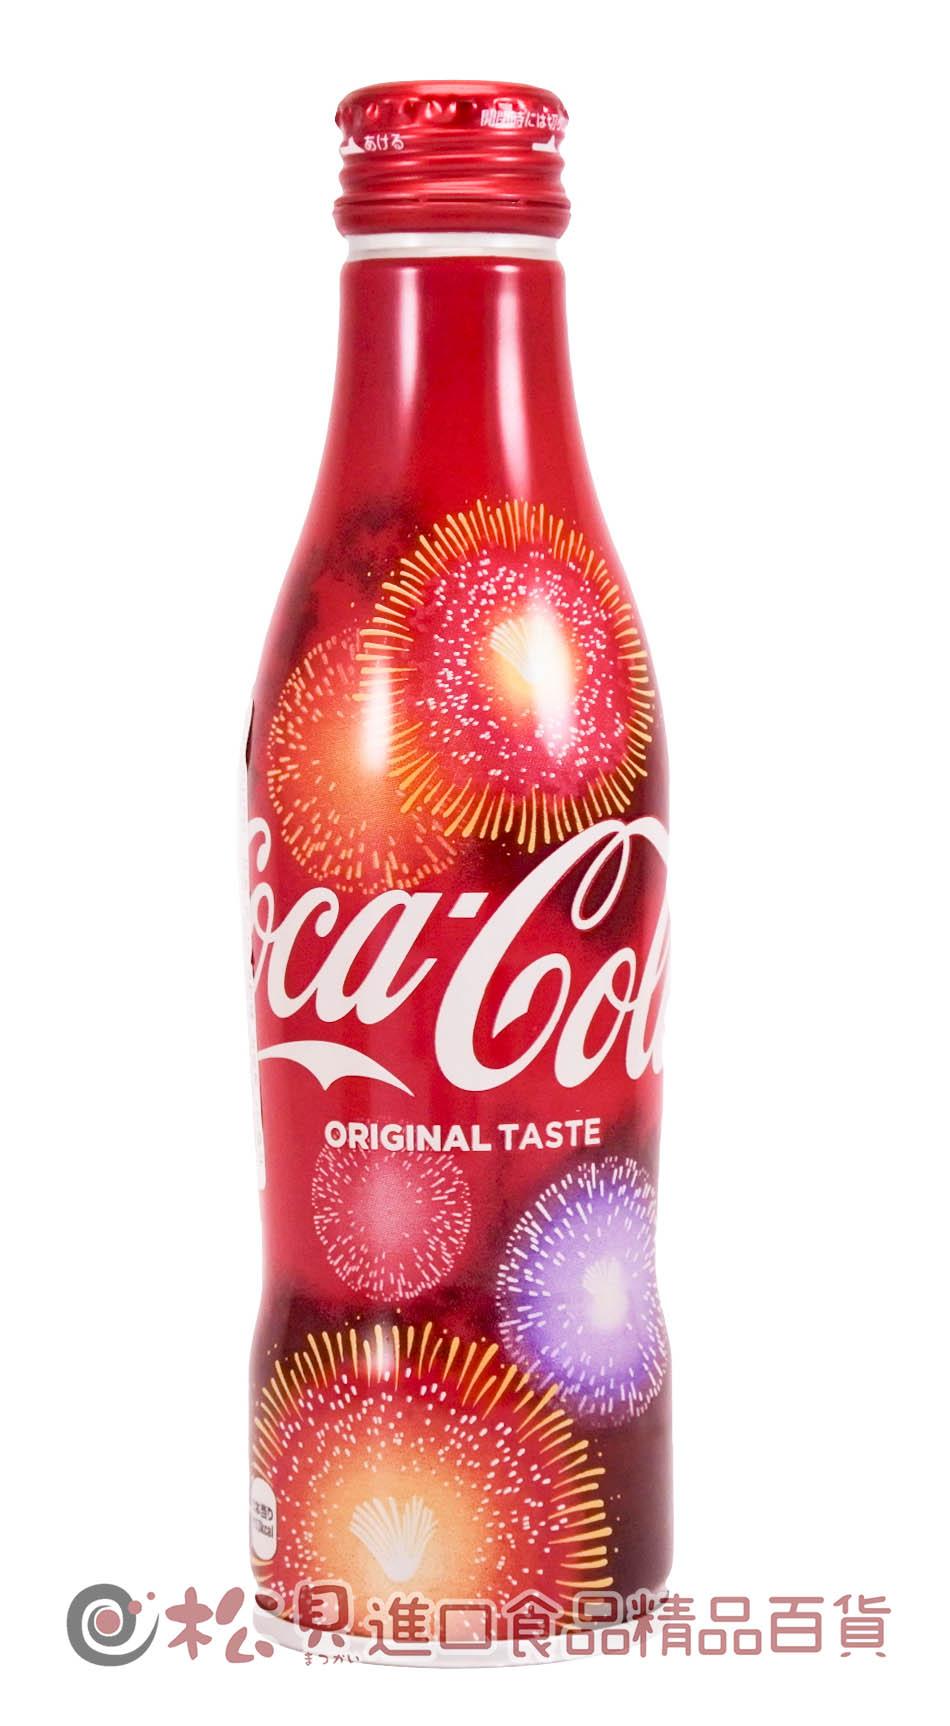 可口可樂曲線瓶(煙火版)250ml【4902102114547】